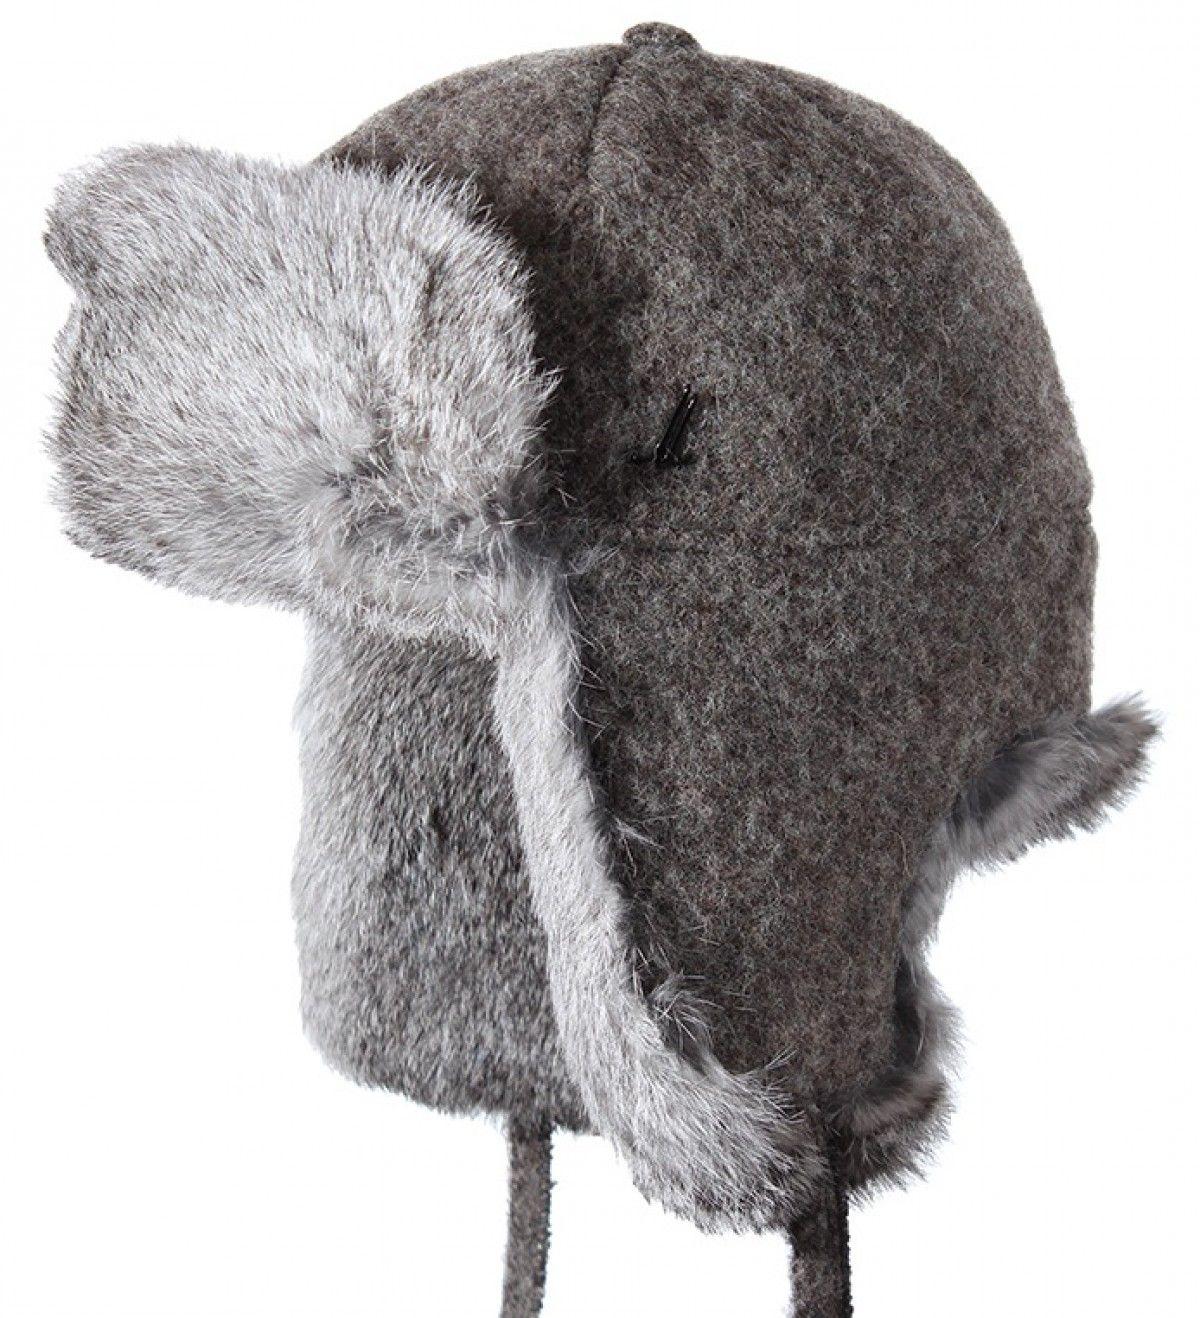 Mühlbauer Headwear CS776 Winter hats, Headwear, Hats